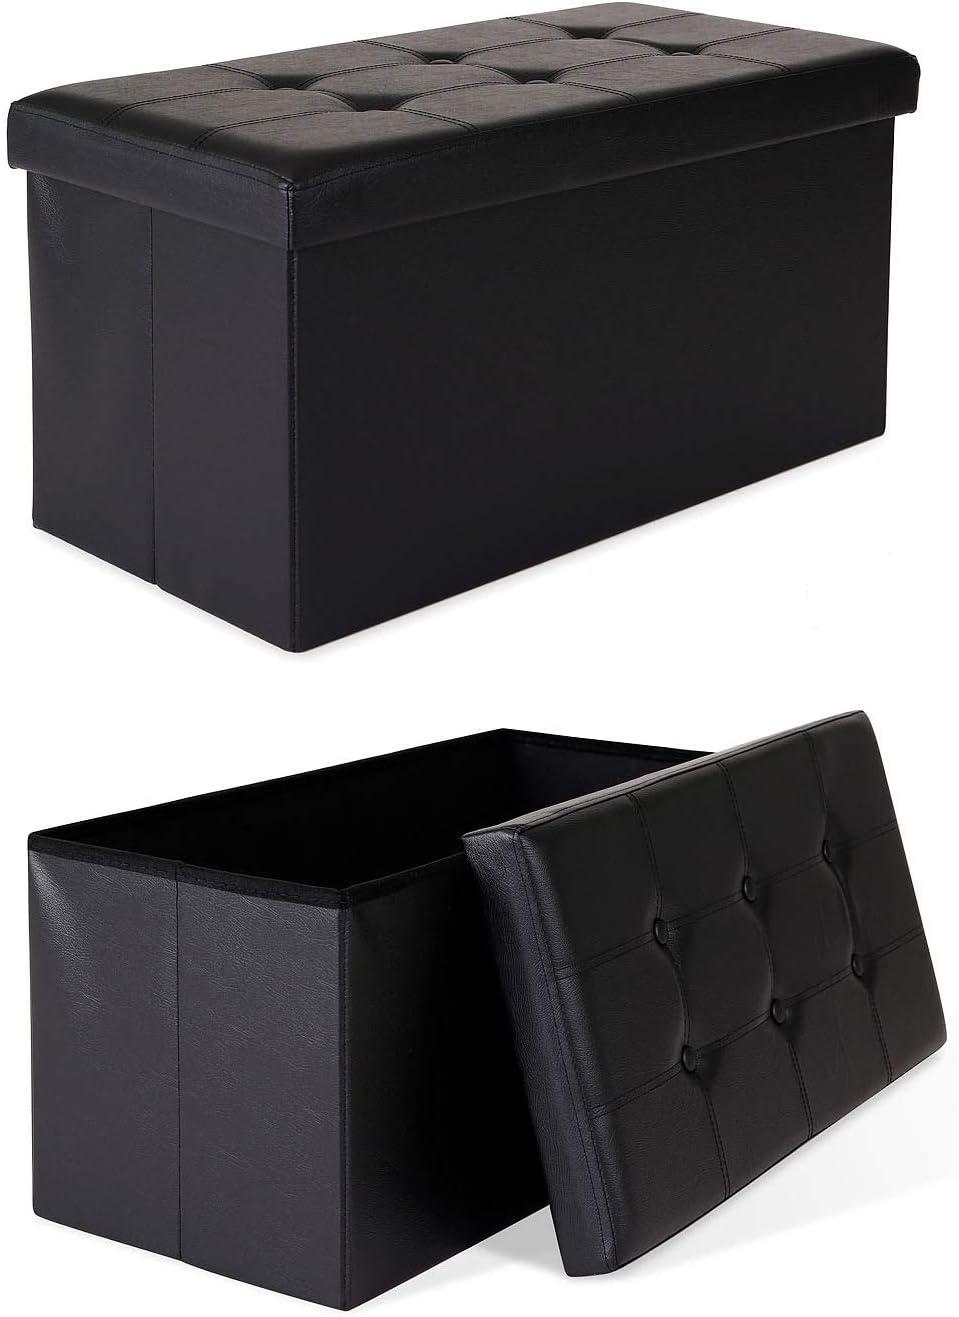 dibea SO00460, Taburete Cofre en Cuero artificial, Box/Caja plegable, Espacio de almacenamiento 80 Litros (76 x 38 x 38 cm, negro): Amazon.es: Bebé